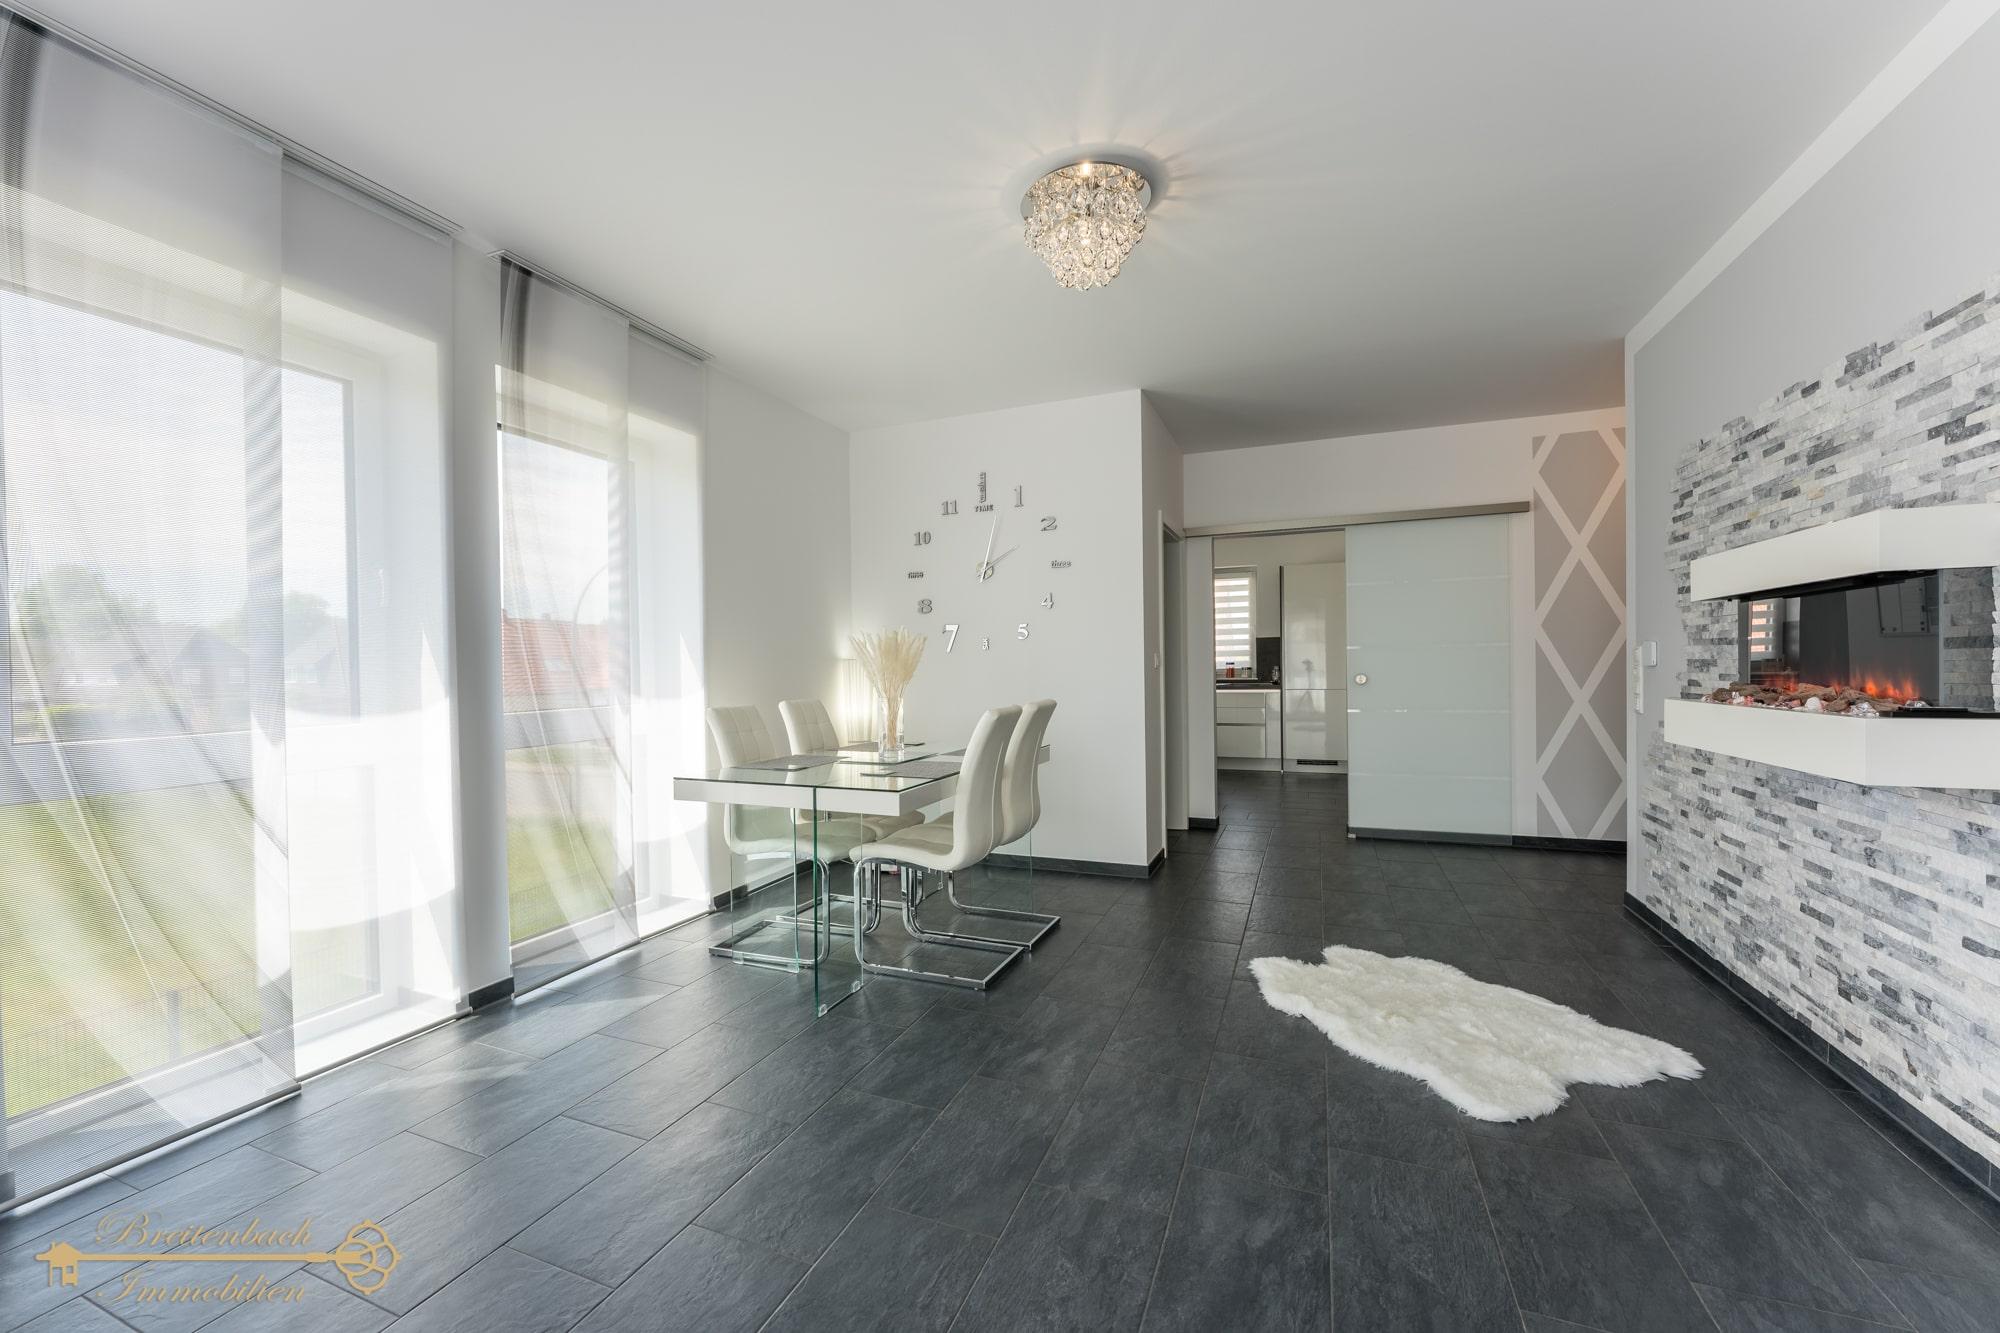 2021-06-01-Breitenbach-Immobilien-Makler-Bremen-8-min